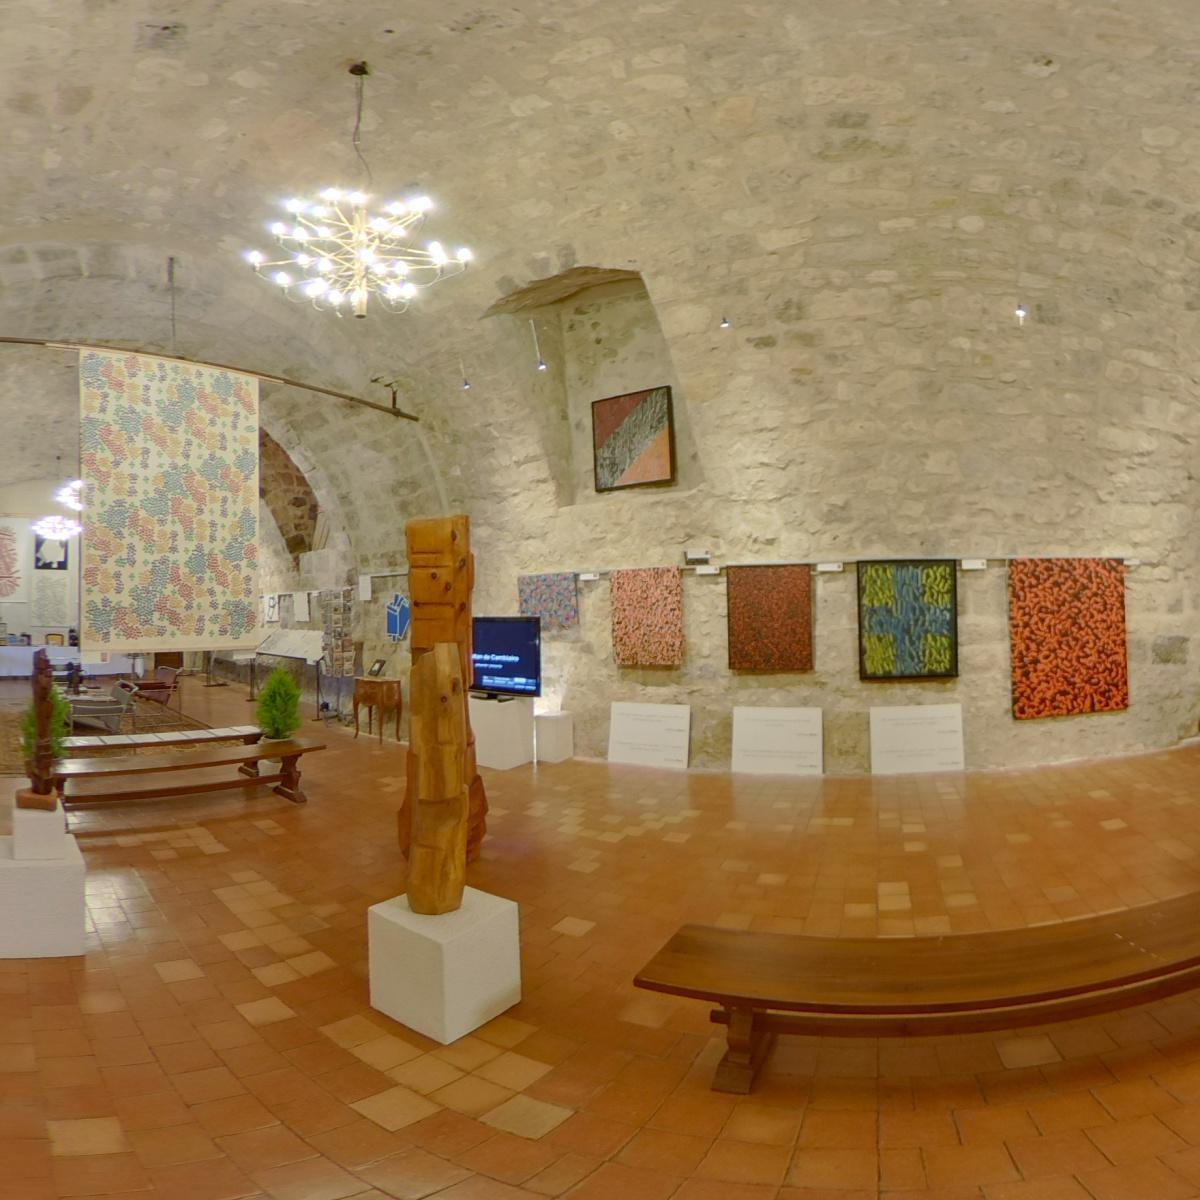 Visite virtuelle 360° à Nérac (47600) de l'exposition Cambiaire